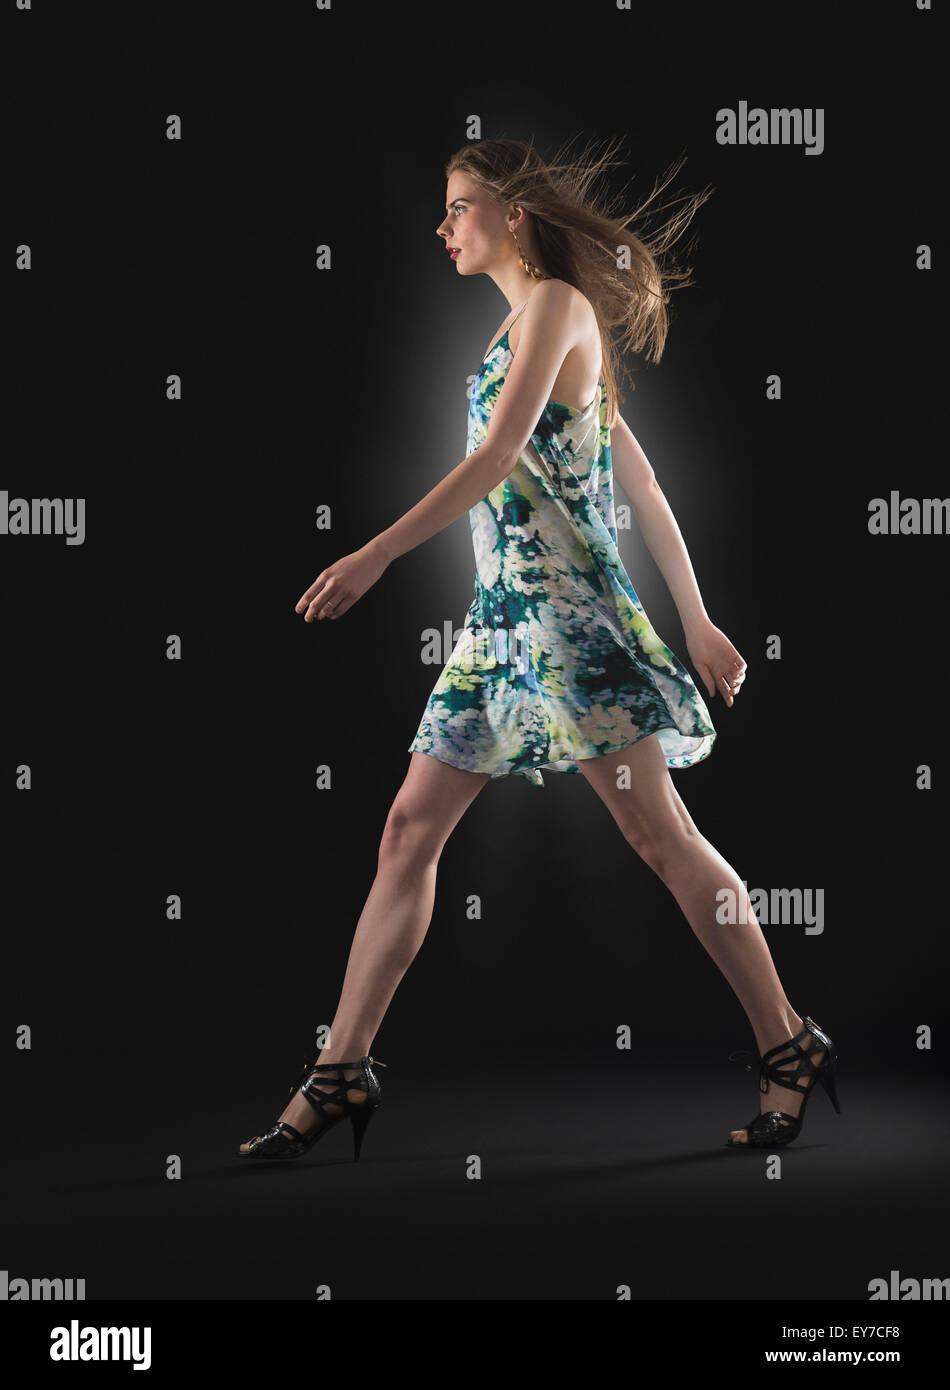 Studioaufnahme der jungen Frau zu Fuß Stockbild